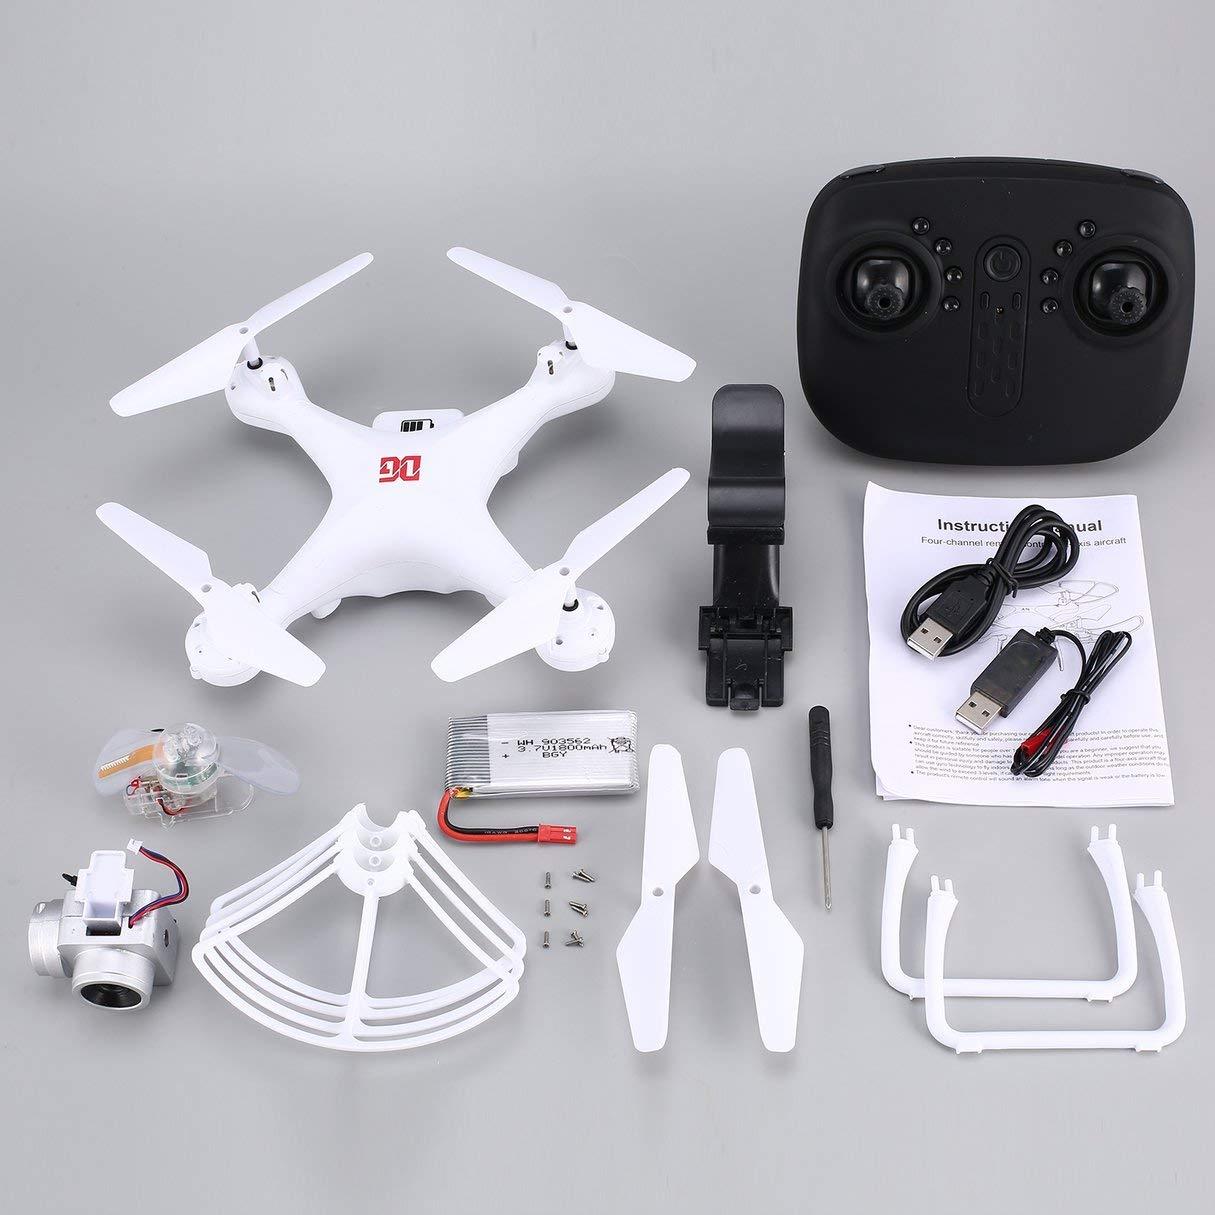 Wafalano Fernbedienung, XG183 2.4G RC Selfie-Drohne FPV Quadcopter mit 720P-Kamera Echtzeit-Höhenlage Halten Sie die LED-Flash-Wort-programmierbare Requisiten EIN